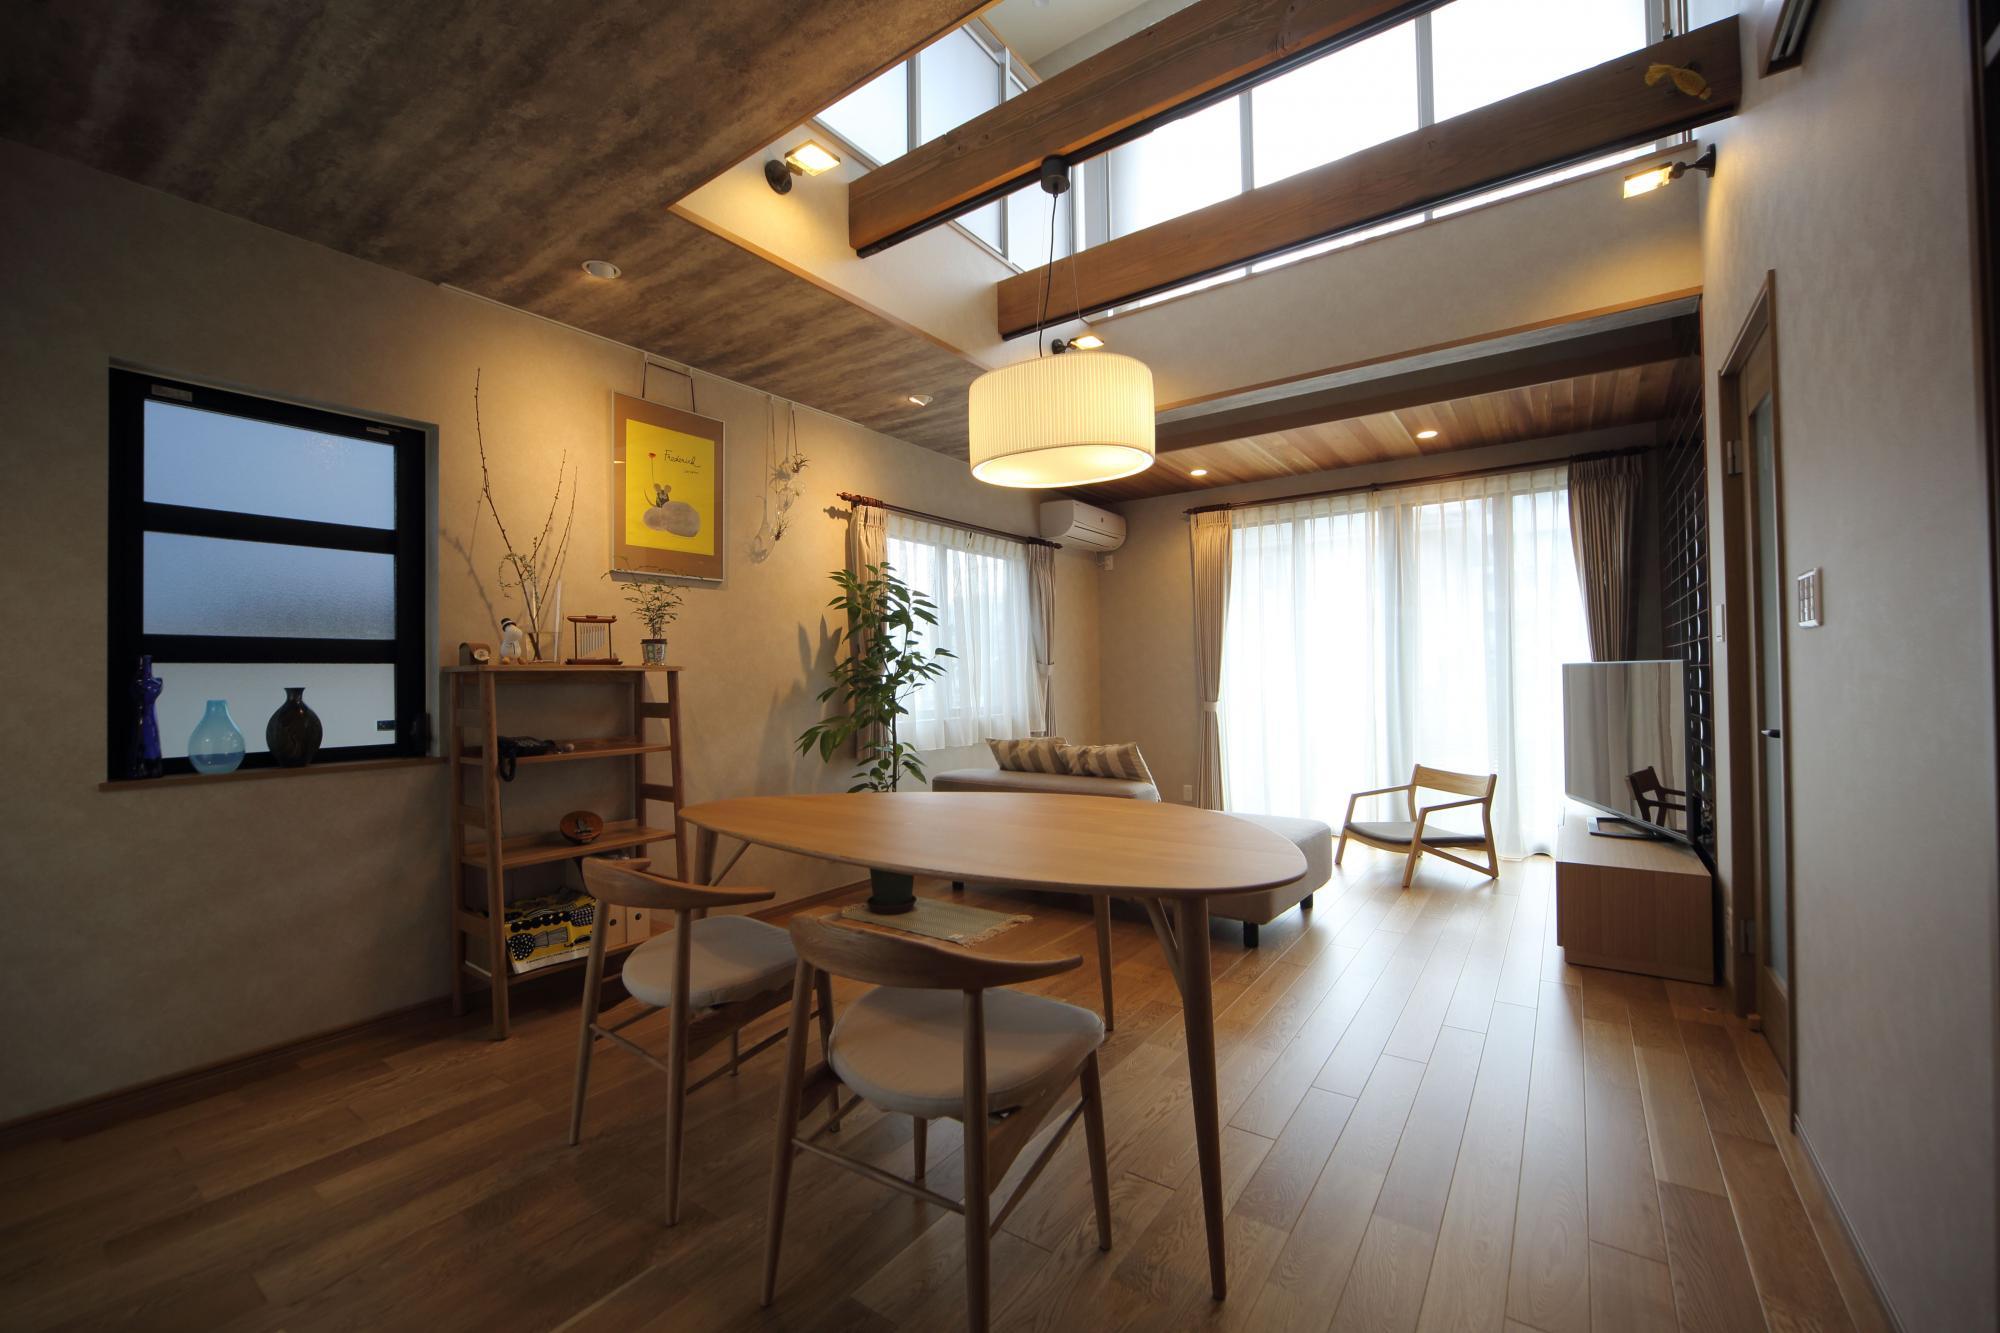 LDに吹き抜けを設けたことで昼間は光と風が気持ちよく入り、夜は室内をダウンライトなどで効果的に照らして癒しの空間に。